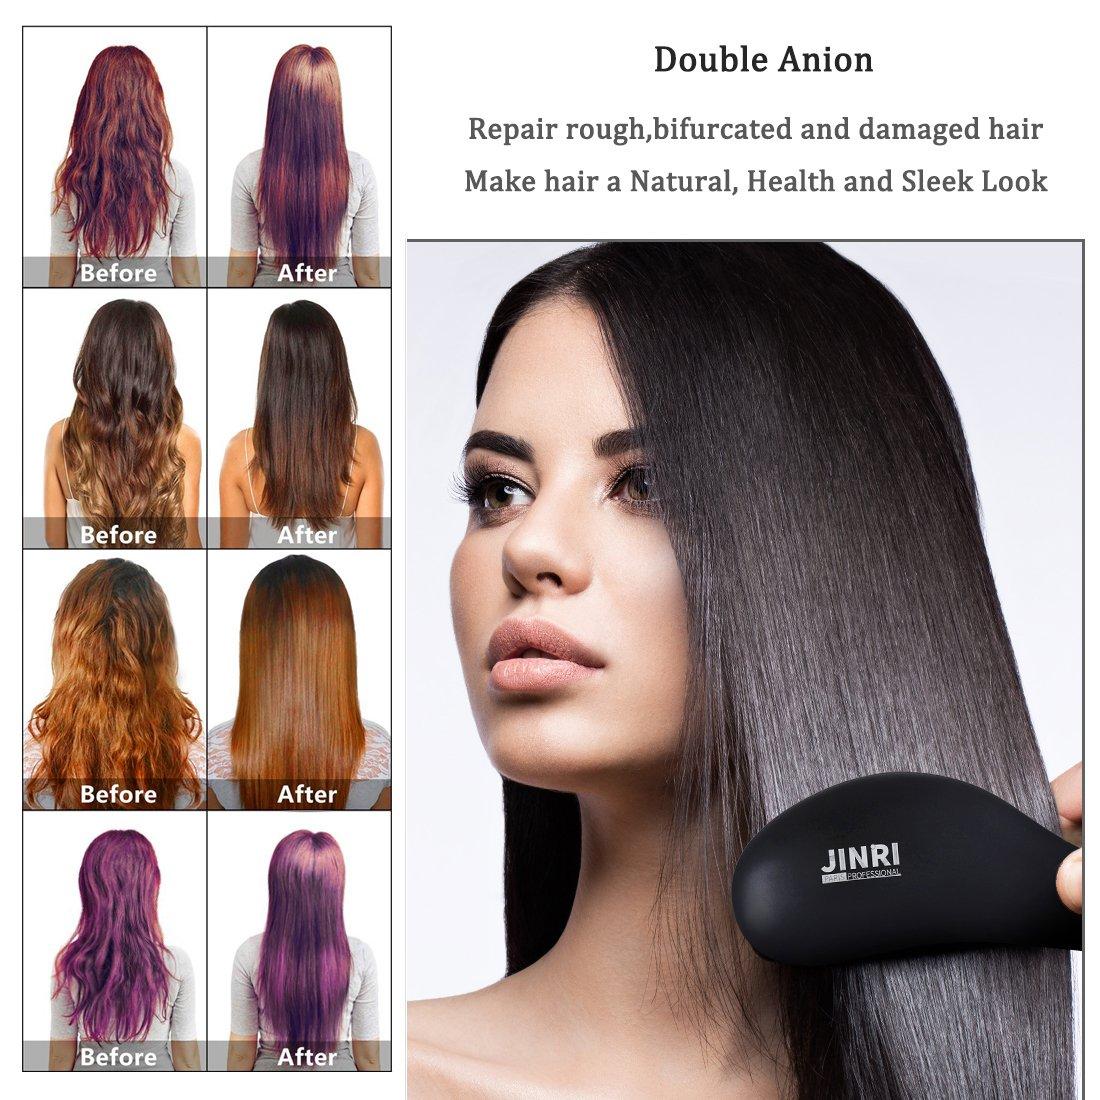 Hair Straightener Brush – Electric Ionic Ceramic Hair Straightening Brush,60 seconds Hot Fast Heating ,Tempreture Lock Auto Shut Off Function Straightener Brush,Black